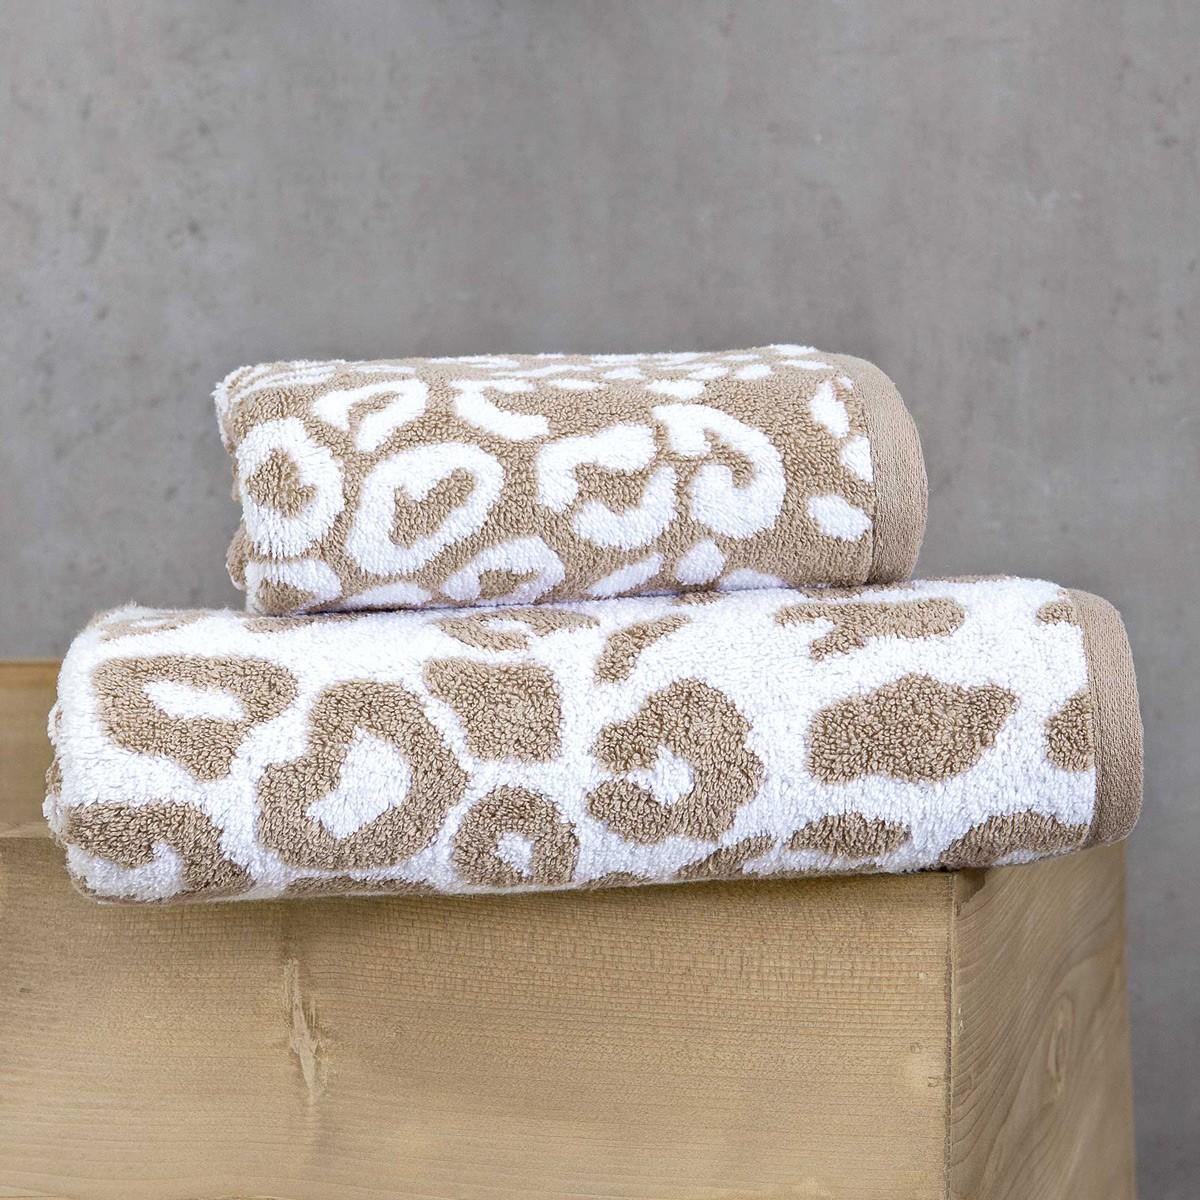 Πετσέτες Μπάνιου (Σετ 2τμχ) Nima Elements Kotiya 01 Beige